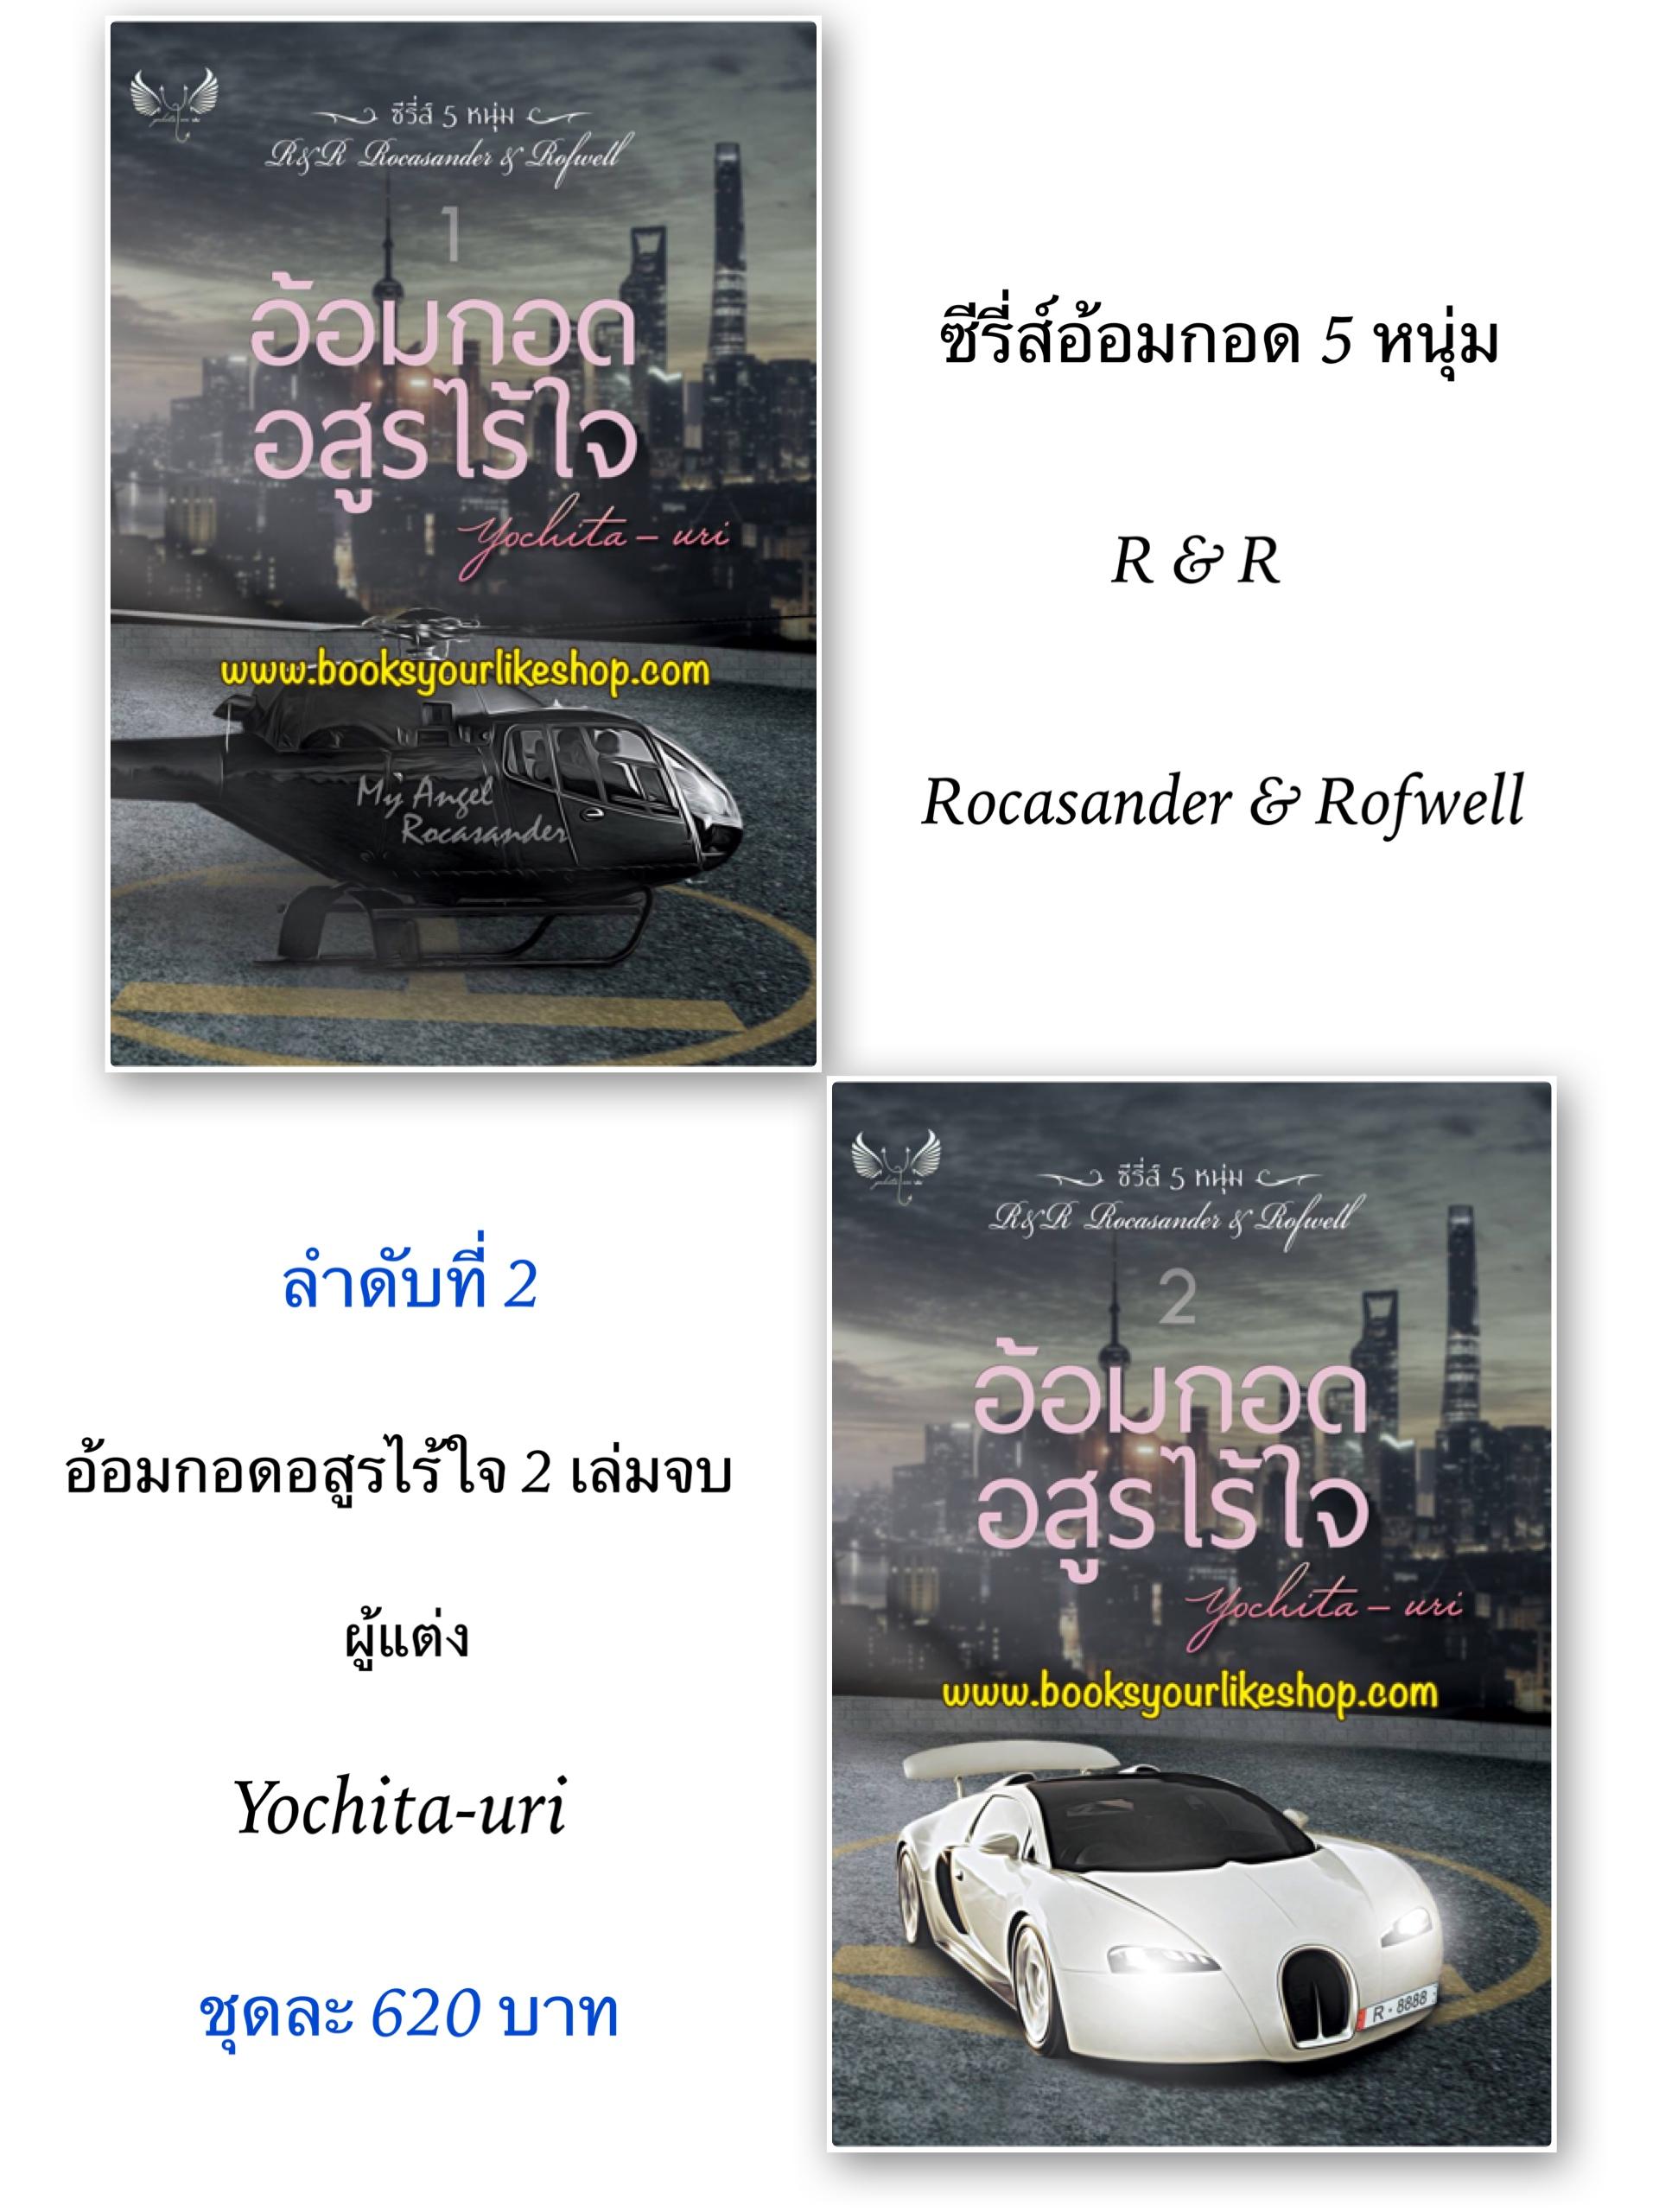 โปรส่งฟรีอ้อมกอดอสูรไร้ใจ 2 เล่มจบซีรี่ส์อ้อมกอด R&R / Yochita-uri โยชิตะยูริ ใหม่ทำมือ